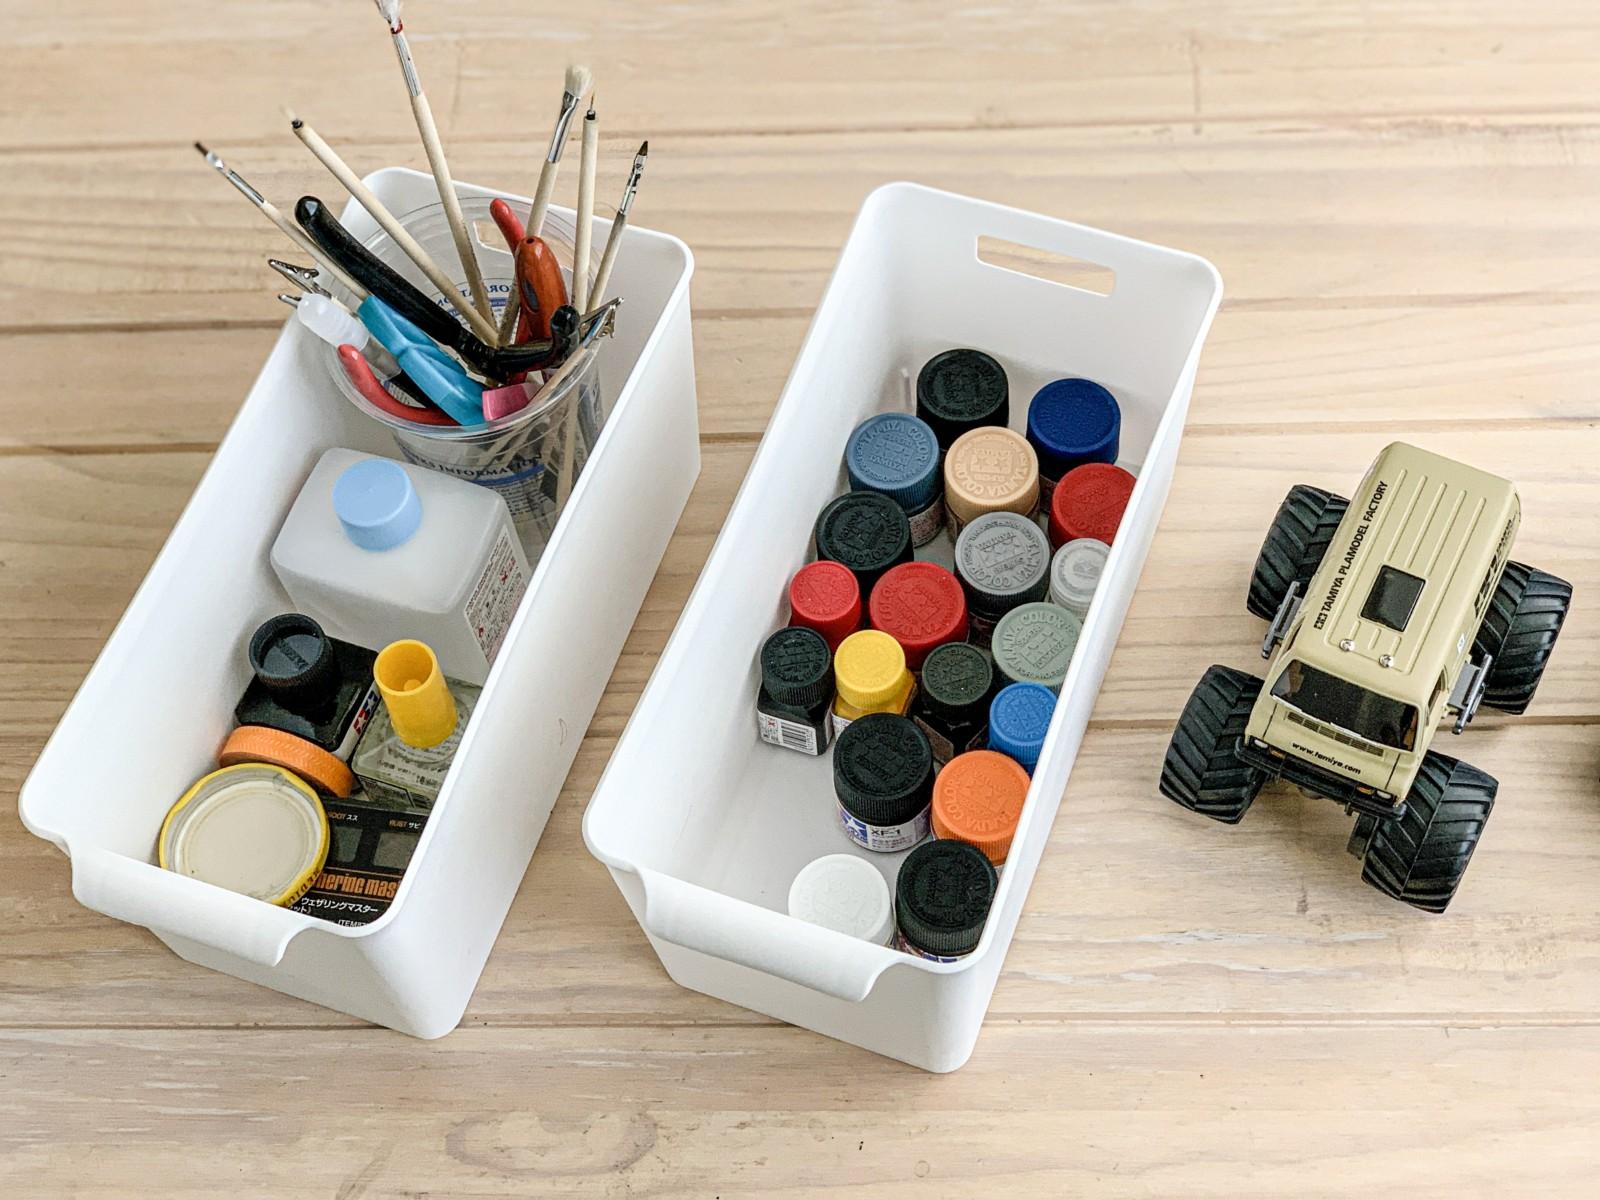 タミヤの塗料を100均ボックスに収納